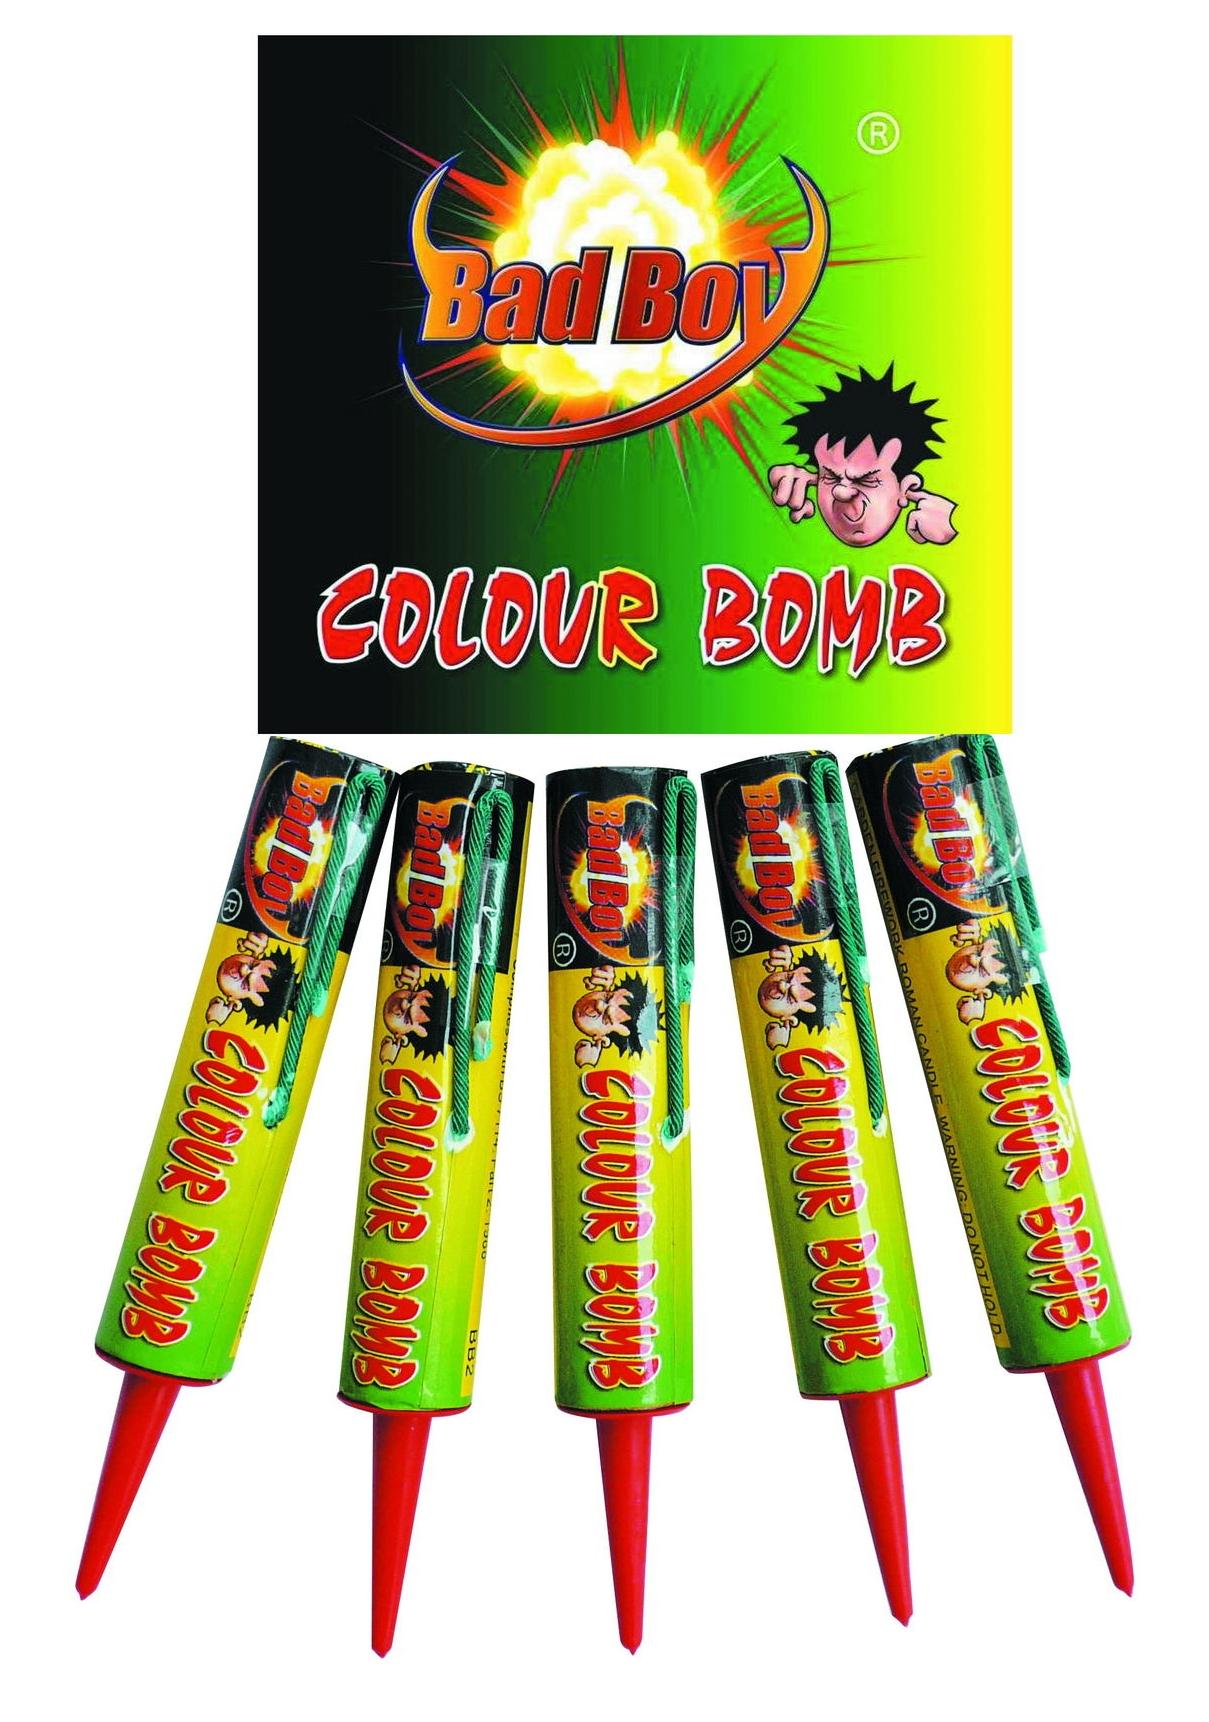 Colour bomb 5pk - RRP £5.00